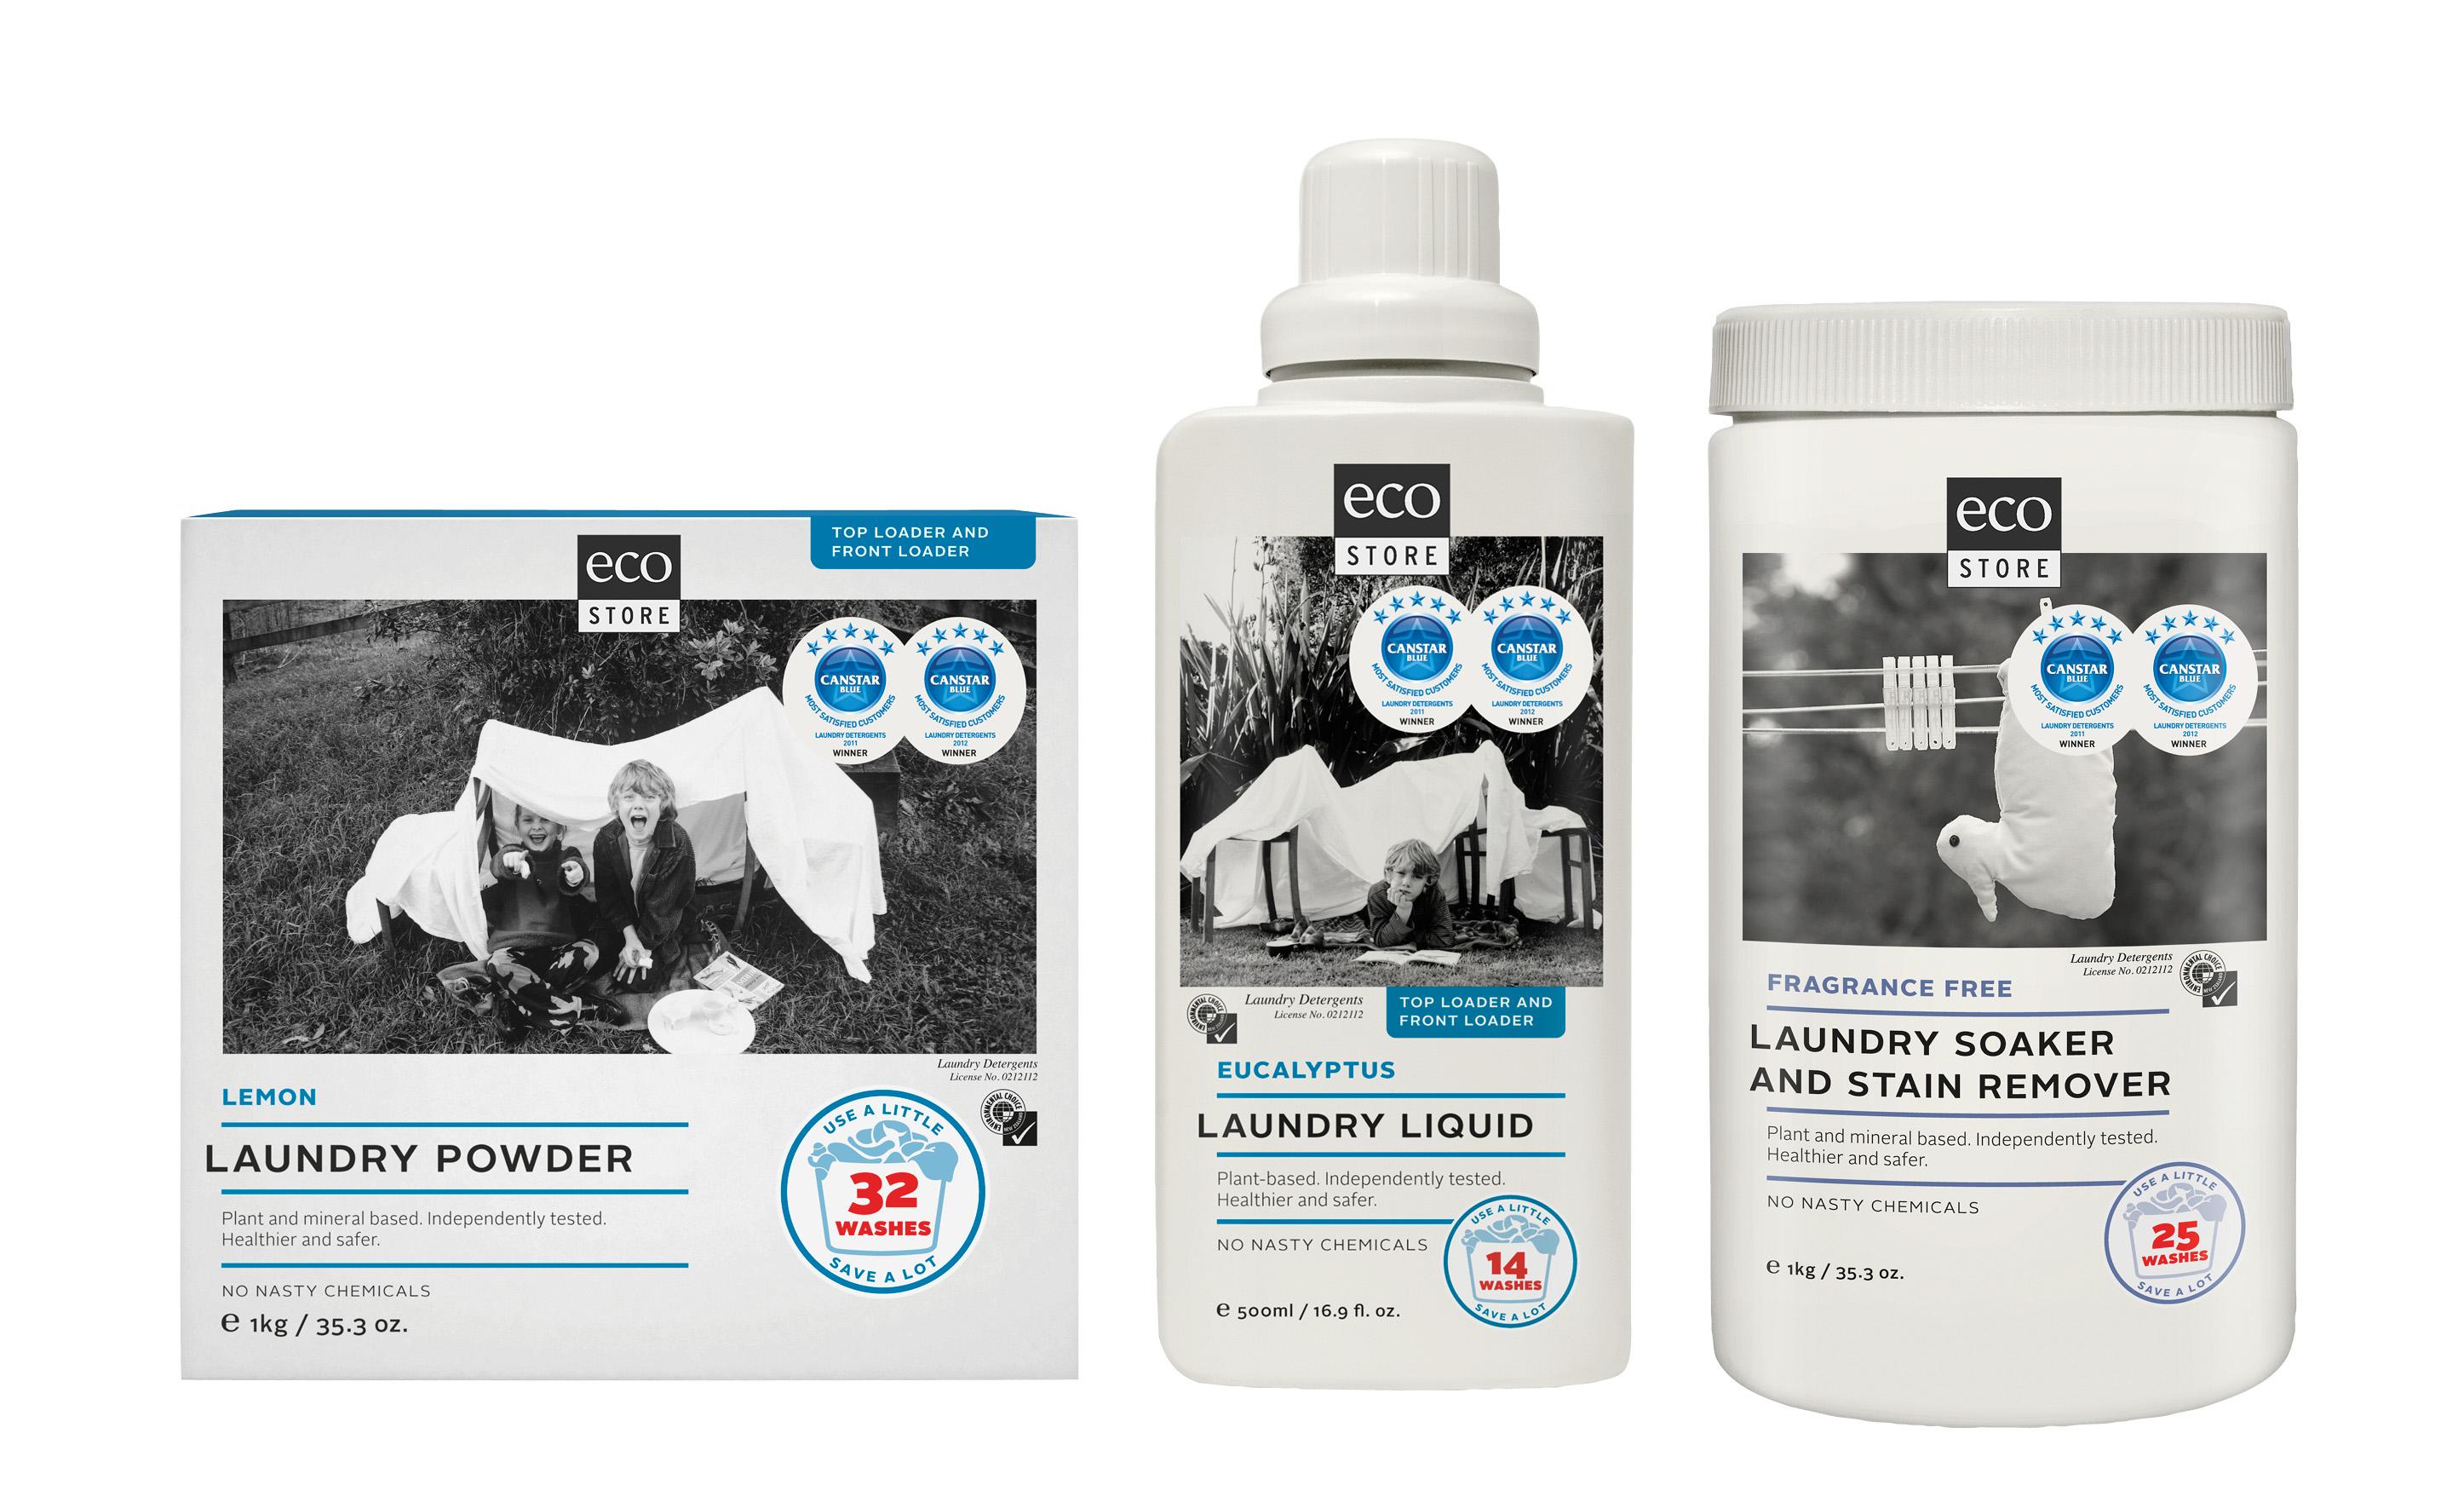 Survey shows kiwis love ecostore laundry detergents